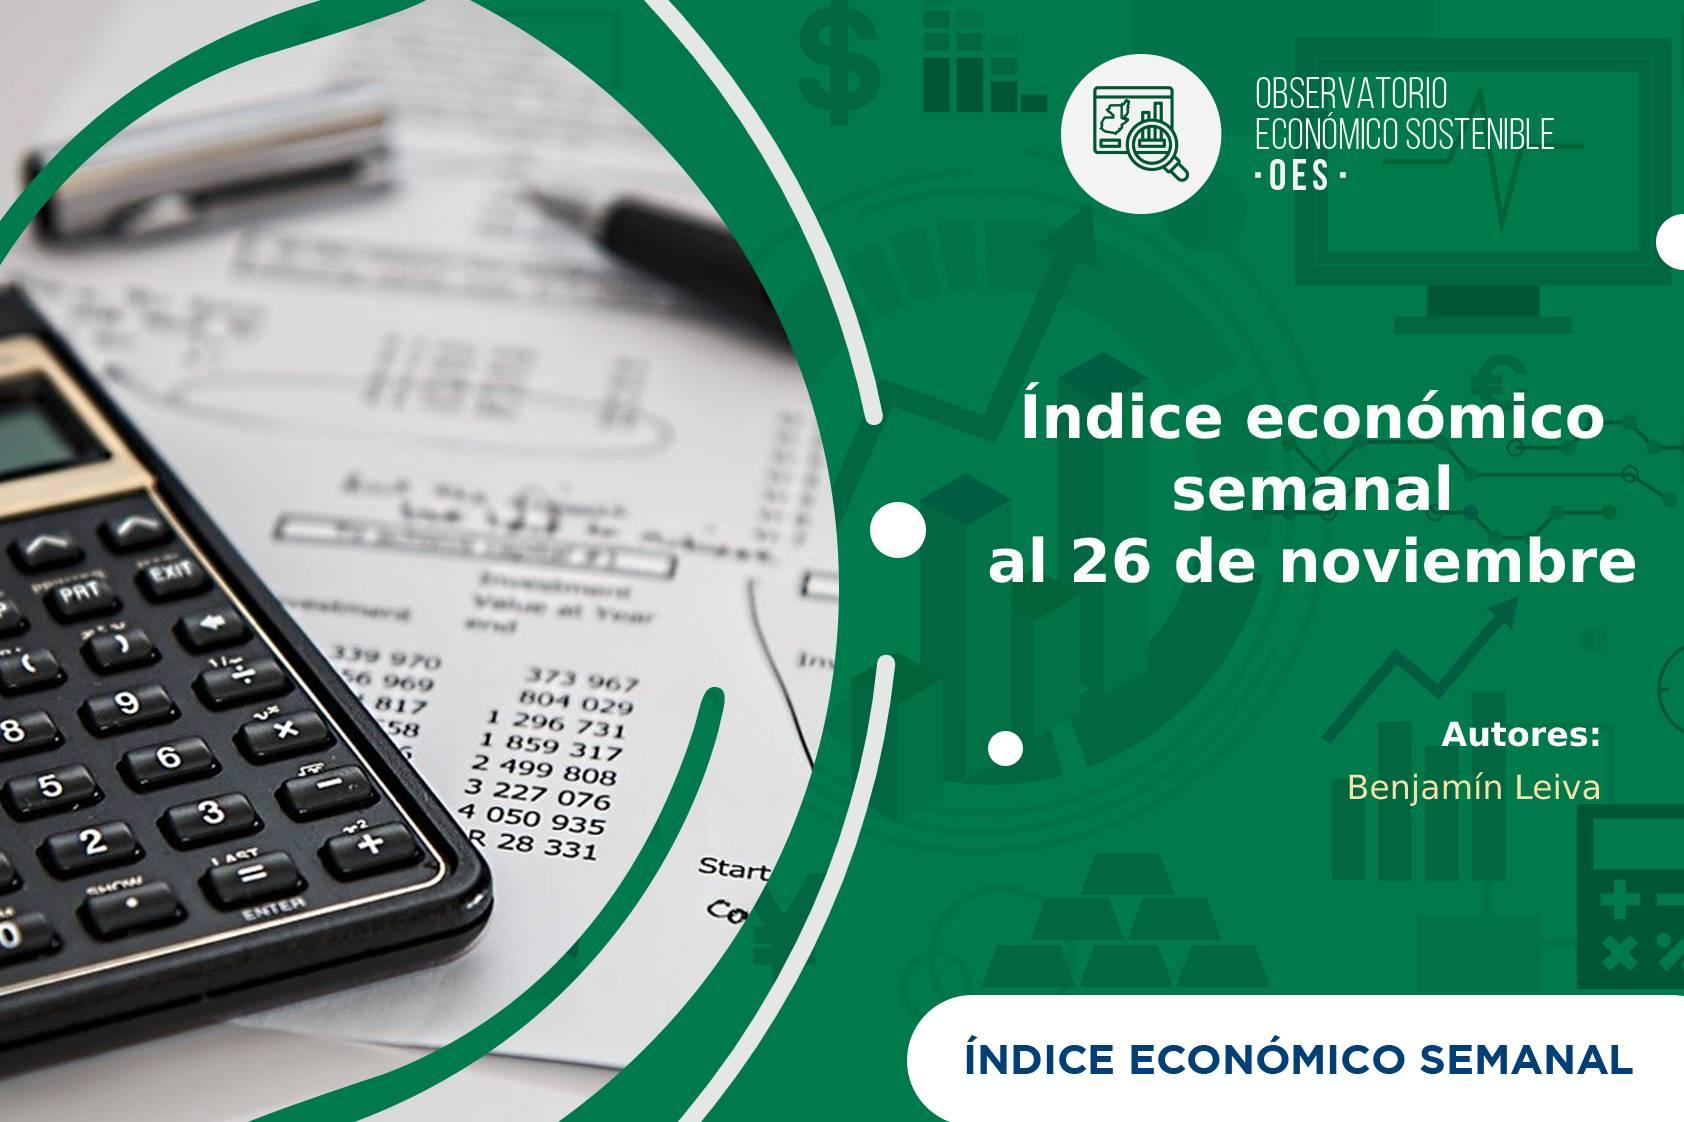 Caída del IES al 26 de noviembre por la baja de remesas, vuelos y el consumo de energía y combustible